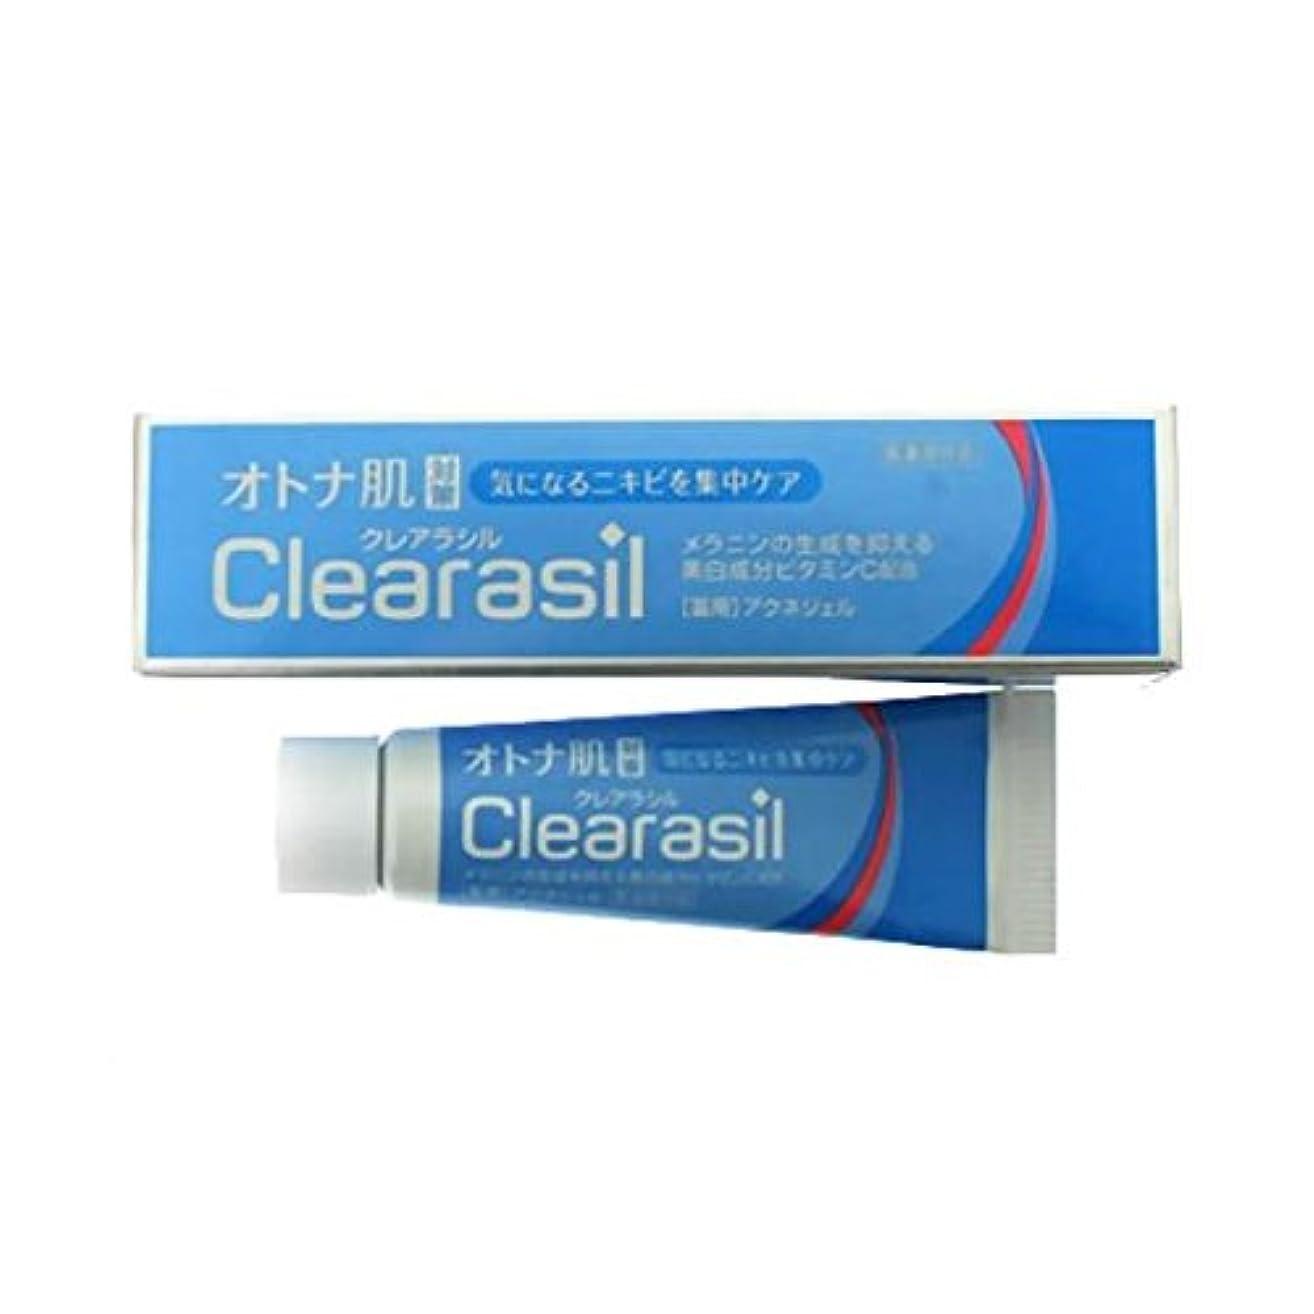 赤道壊れた滝オトナ肌対策クレアラシル 薬用アクネジェル(14g) ×2セット